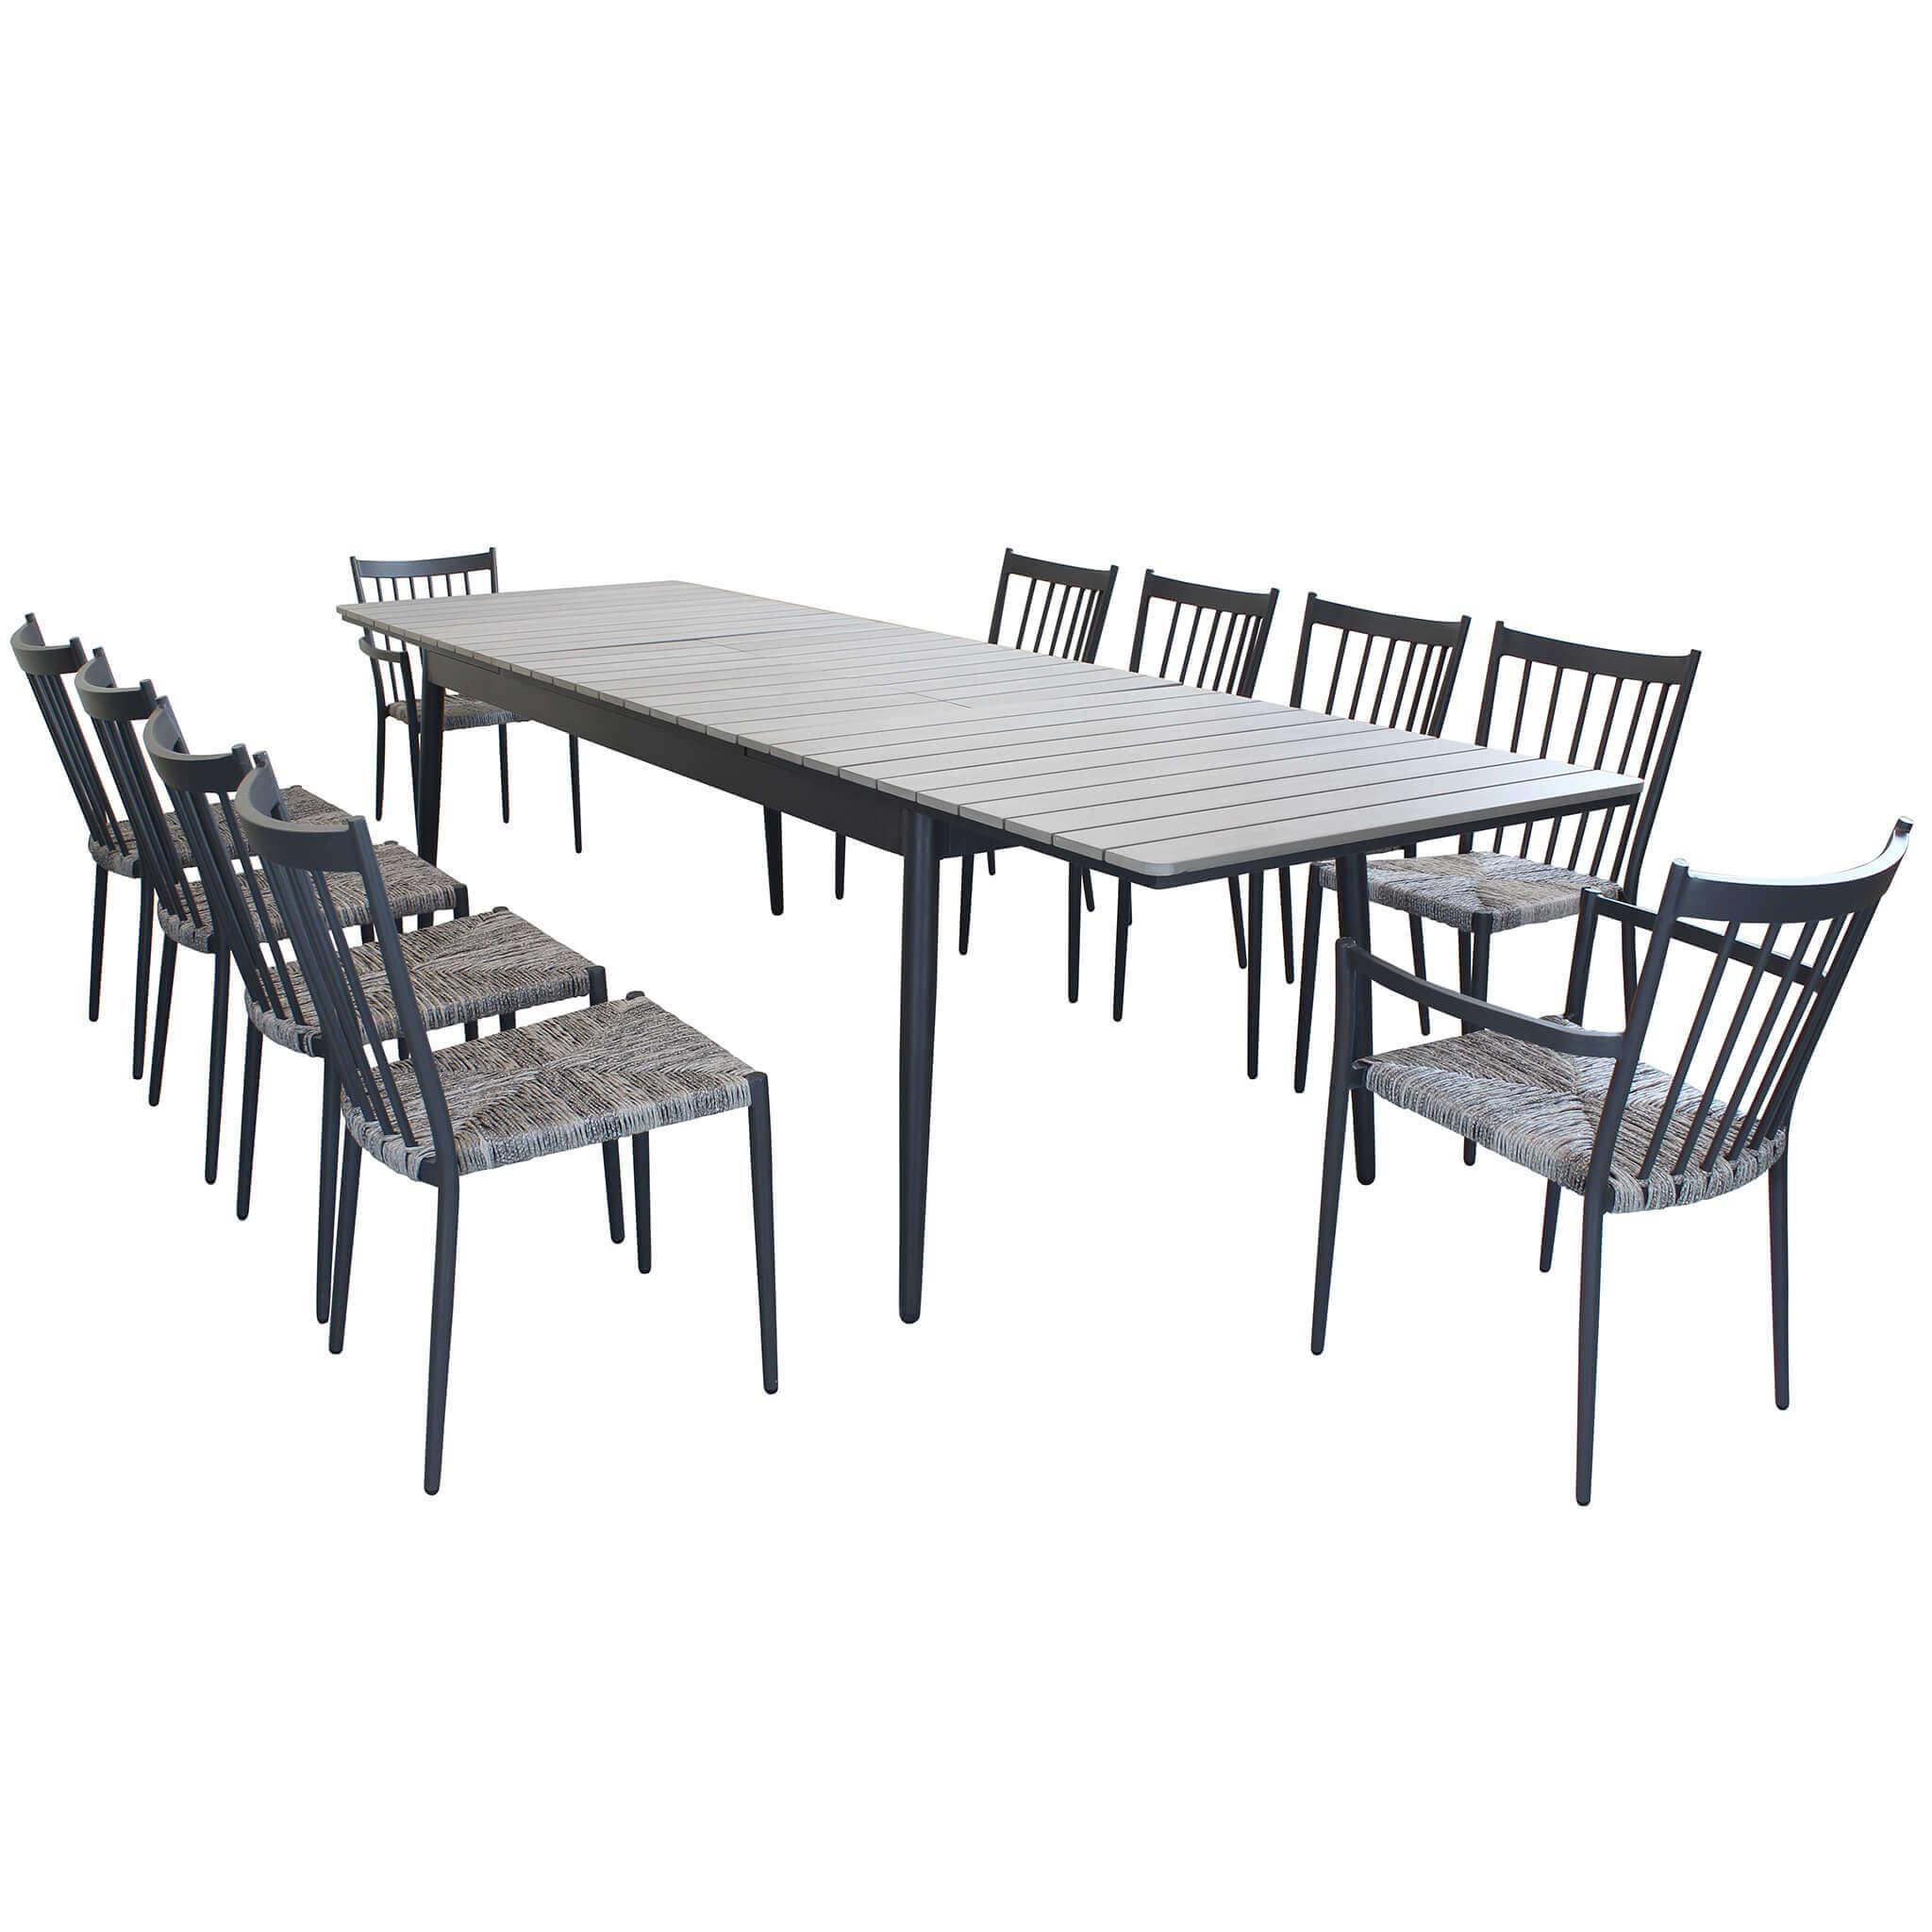 Milani Home DONATO - set tavolo da giardino allungabile in alluminio e polywood 200/300 x 90 compreso di 8 sedie e 2 poltrone in alluminio e polyrattan